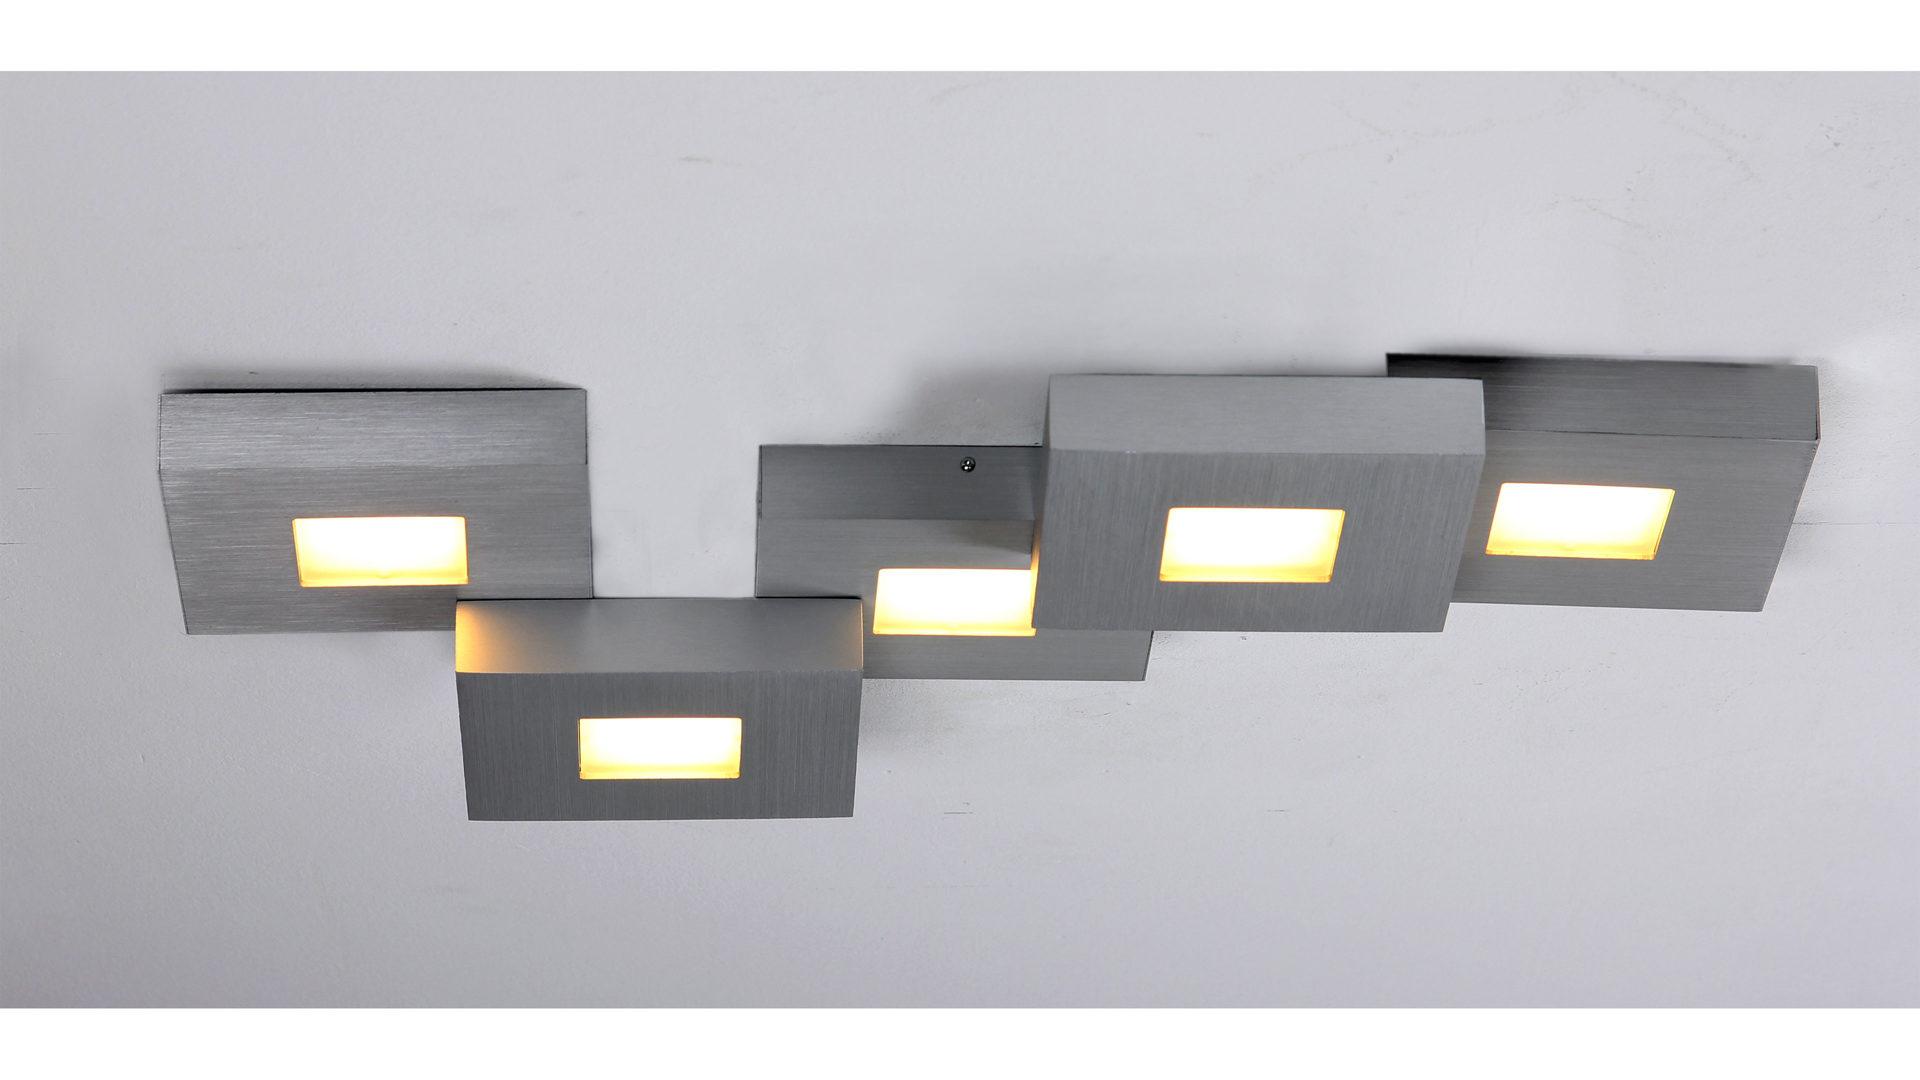 Möbel Steffens Lamstedt Räume Wohnzimmer Lampen Leuchten . Deckenlampe Led  Wohnzimmer ...